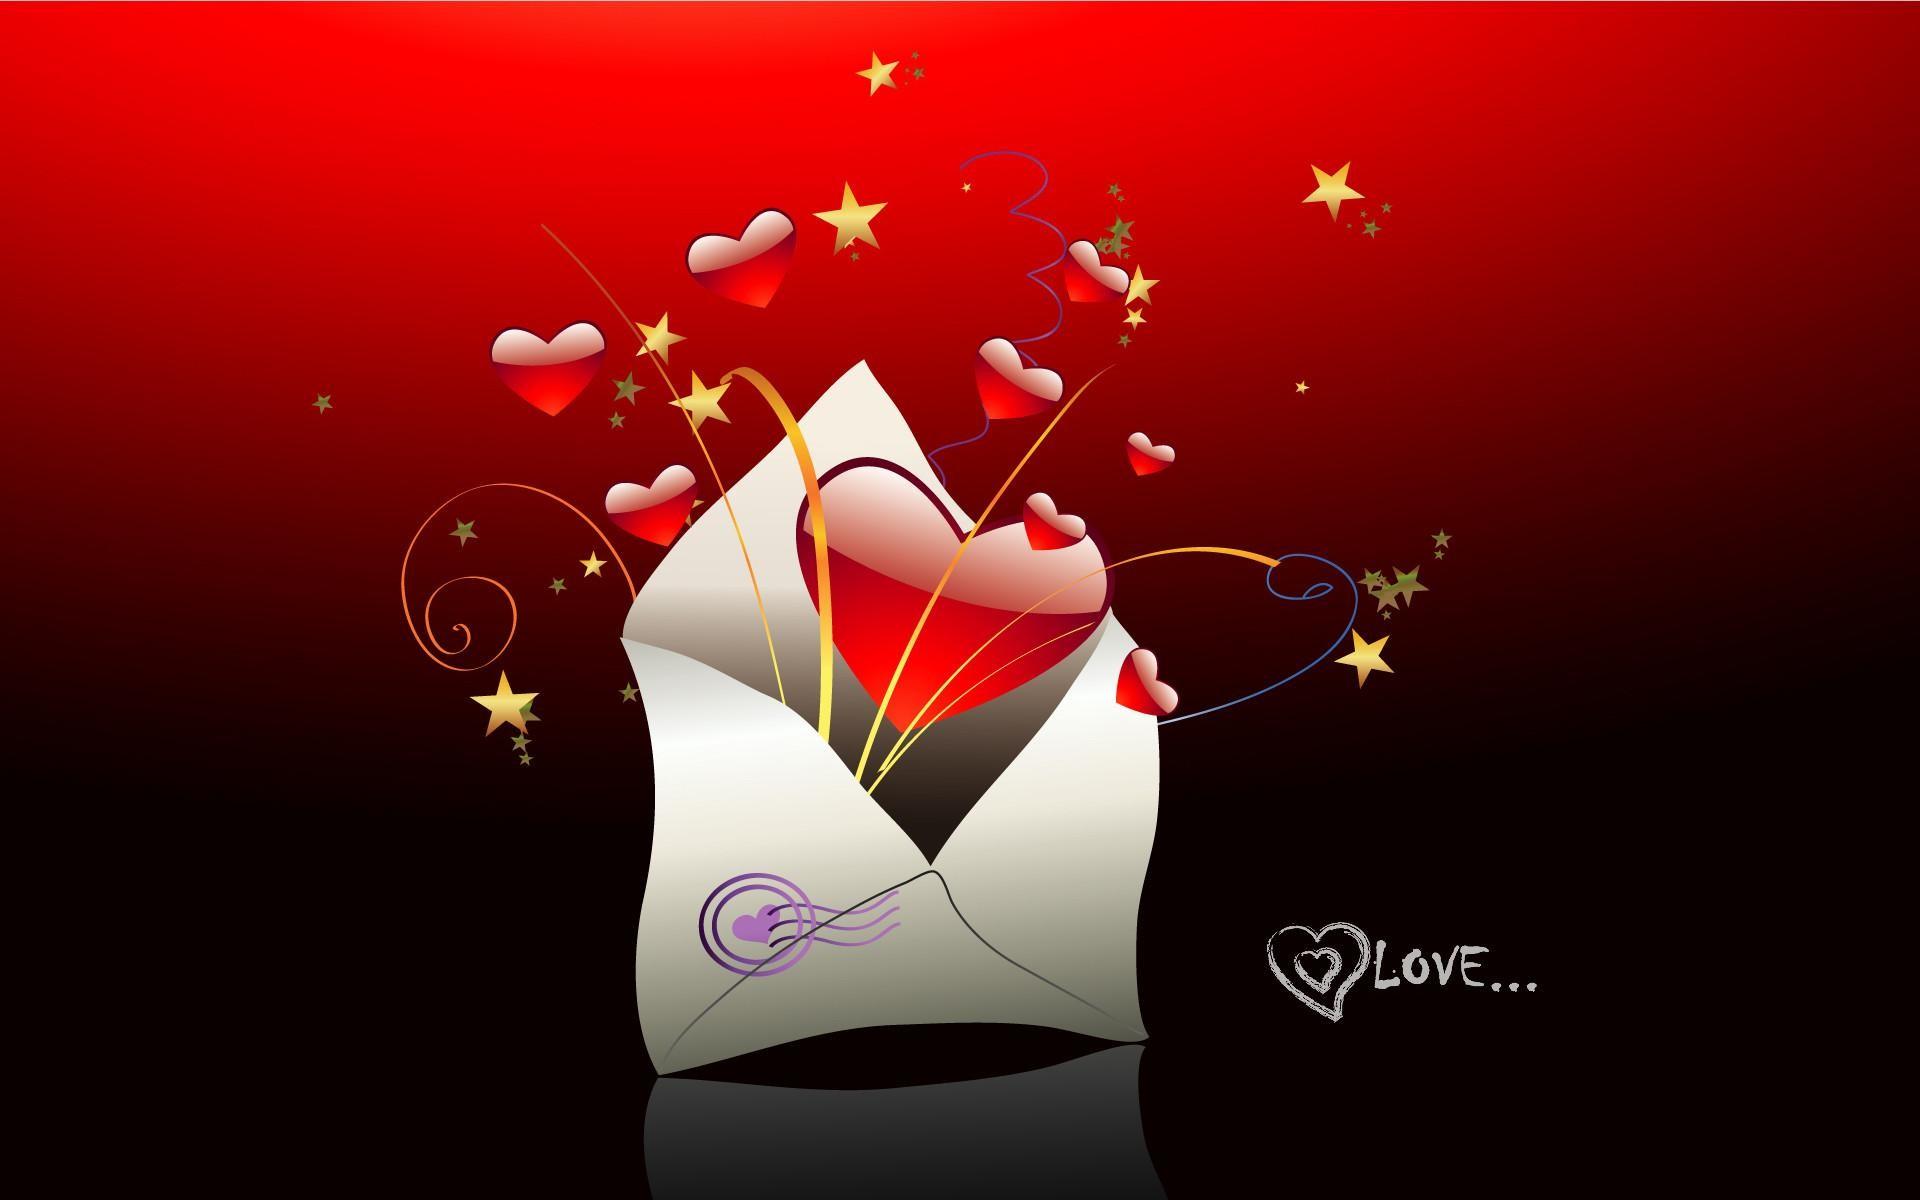 love u images wallpaper (66+ images)